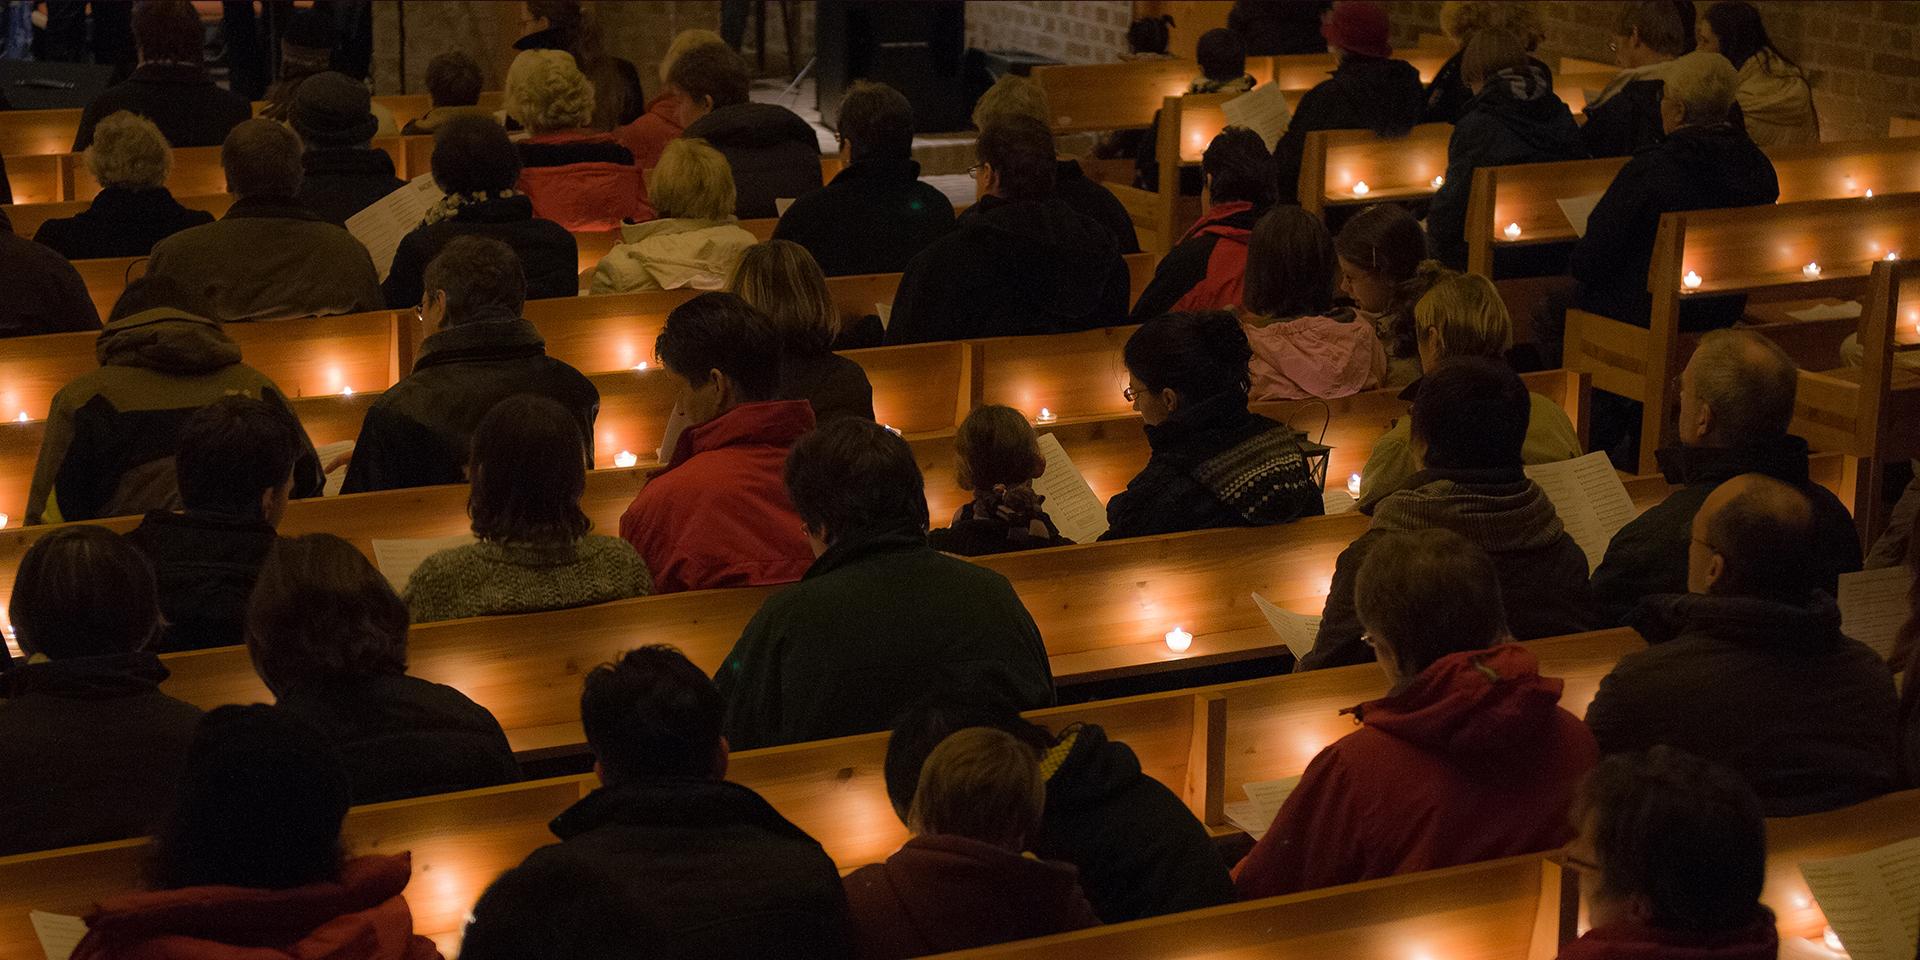 Gottesdienst im Dunkeln